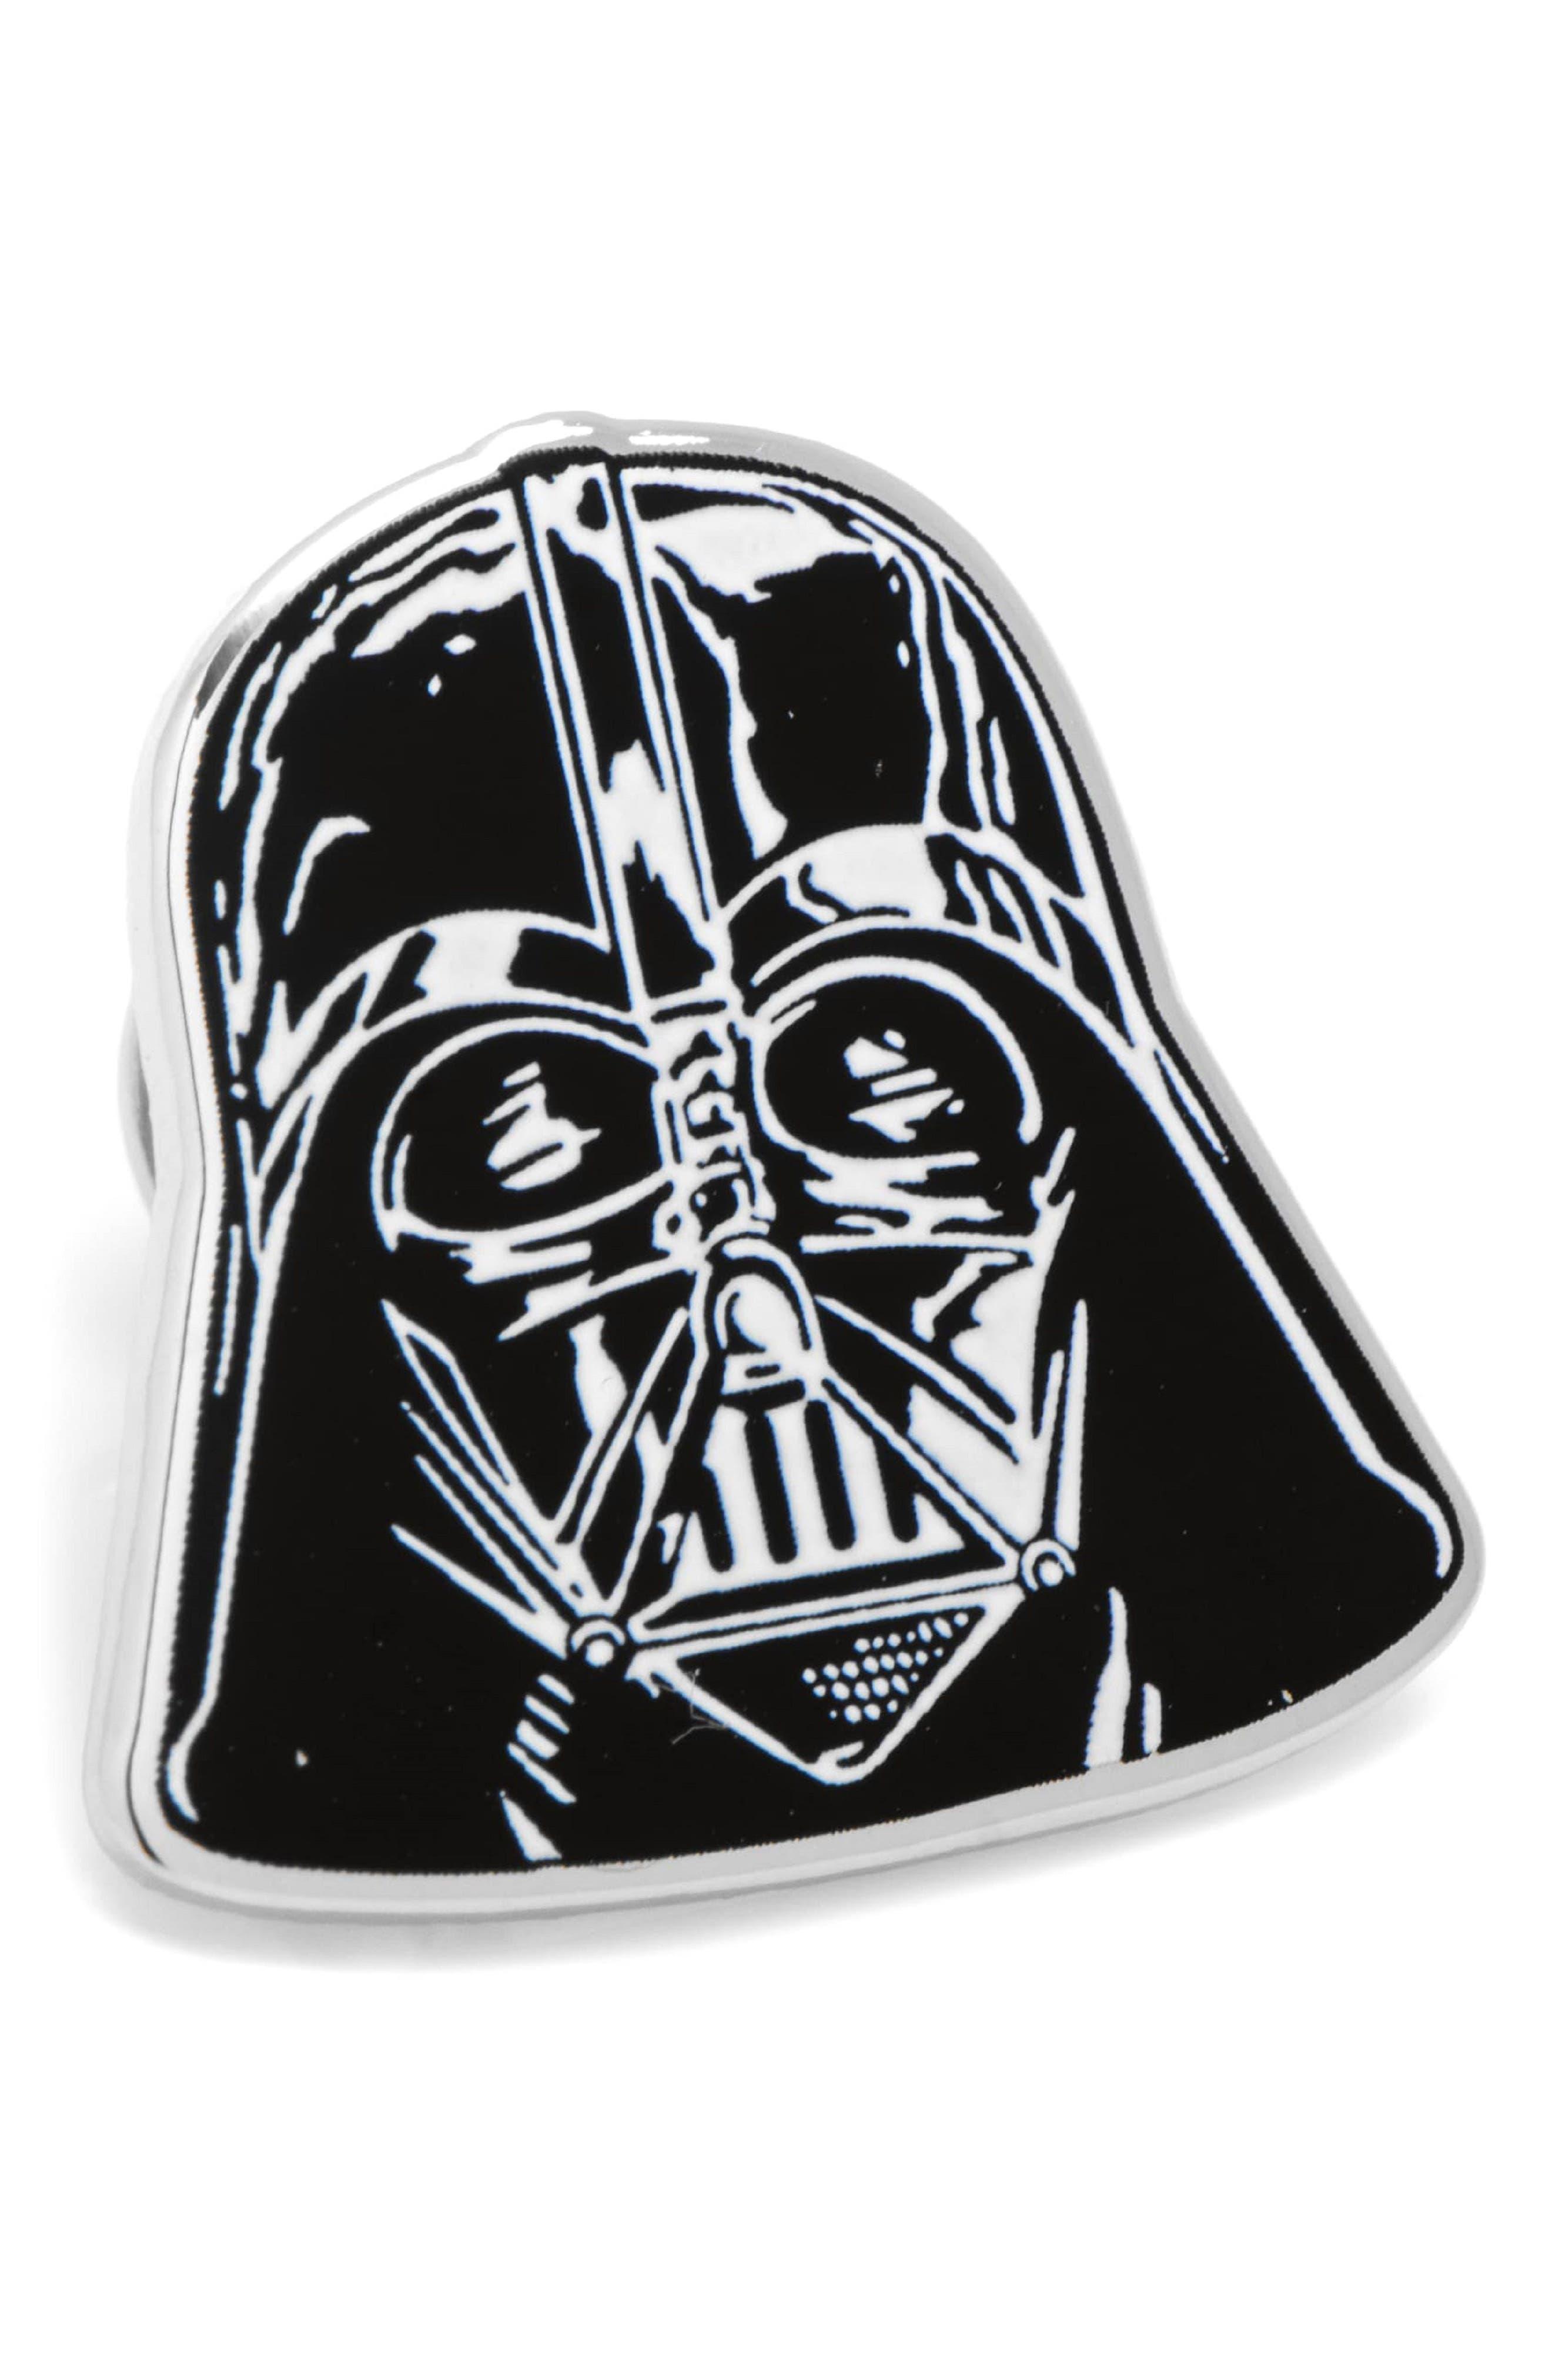 Star Wars<sup>™</sup> - Darth Vader Lapel Pin,                             Main thumbnail 1, color,                             040